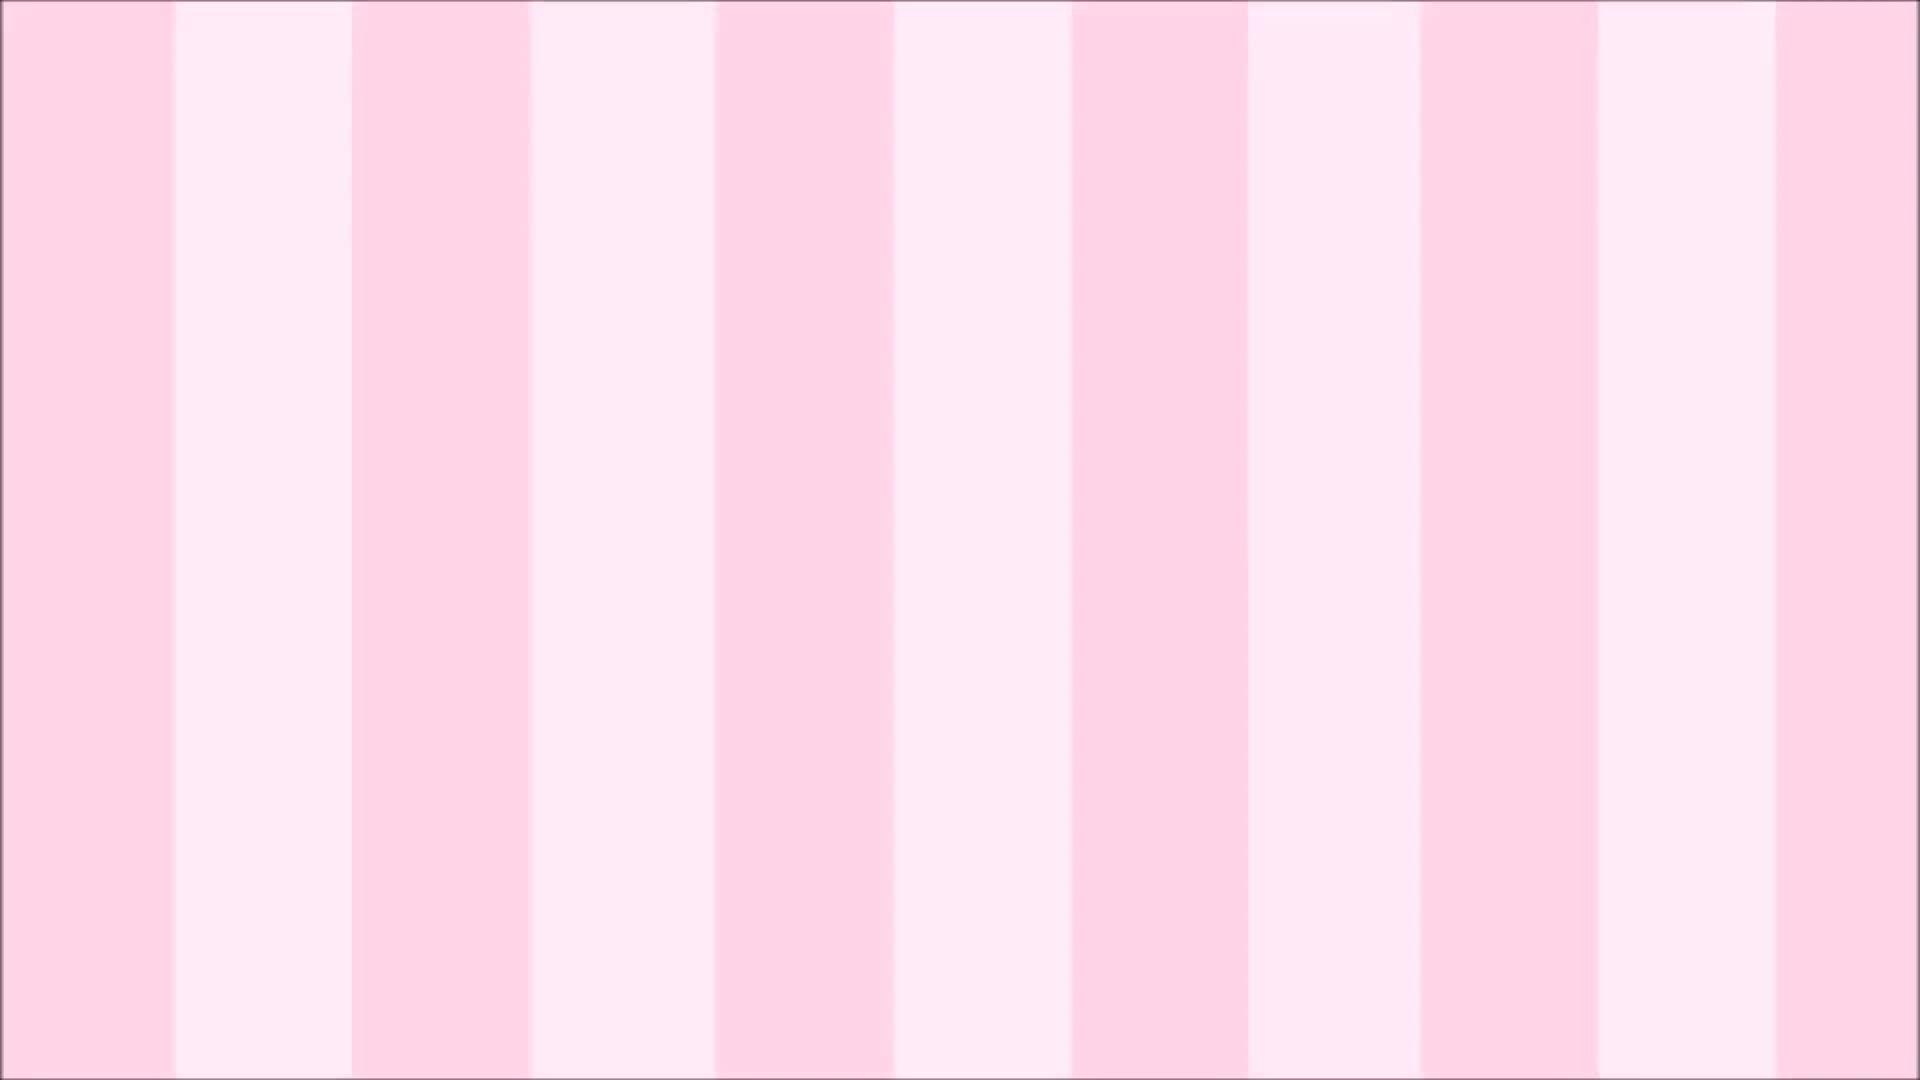 Pastel Pink Wallpaper Pic